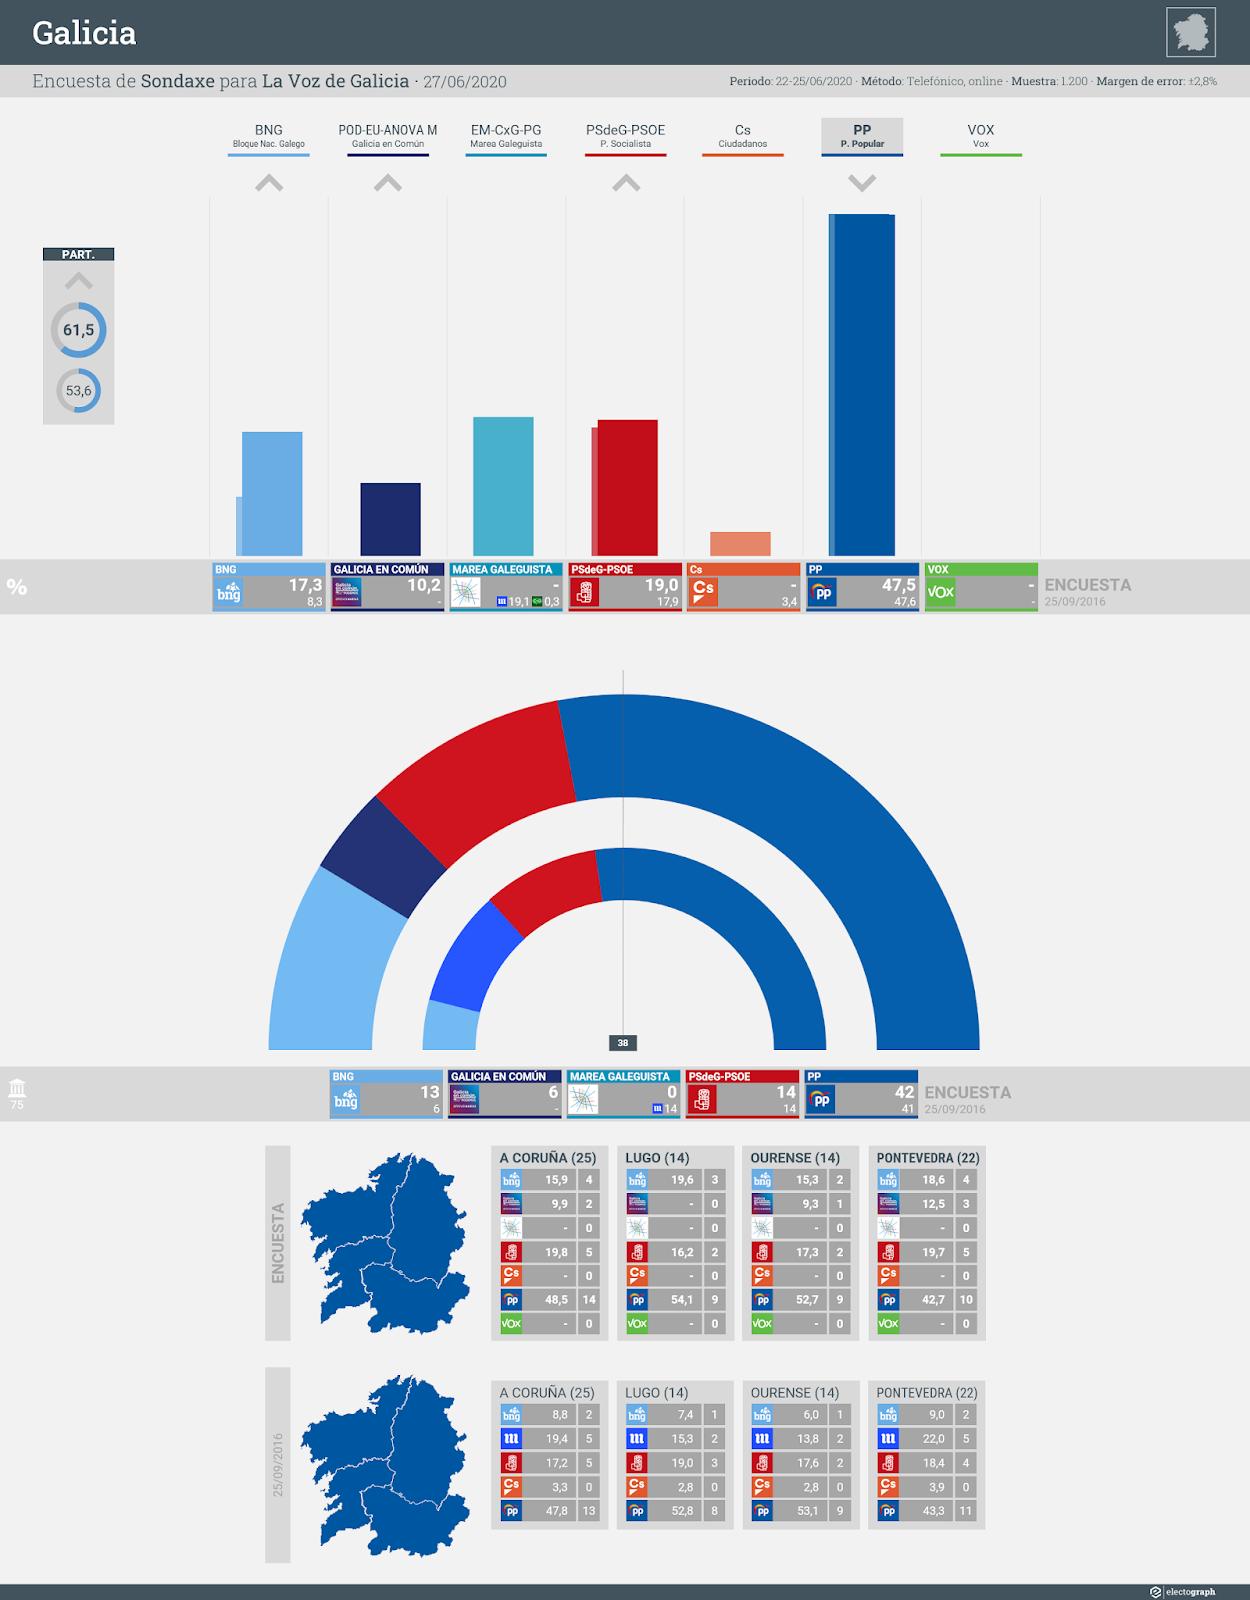 Gráfico de la encuesta para elecciones autonómicas en Galicia realizada por Sondaxe para La Voz de Galicia, 27 de junio de 2020